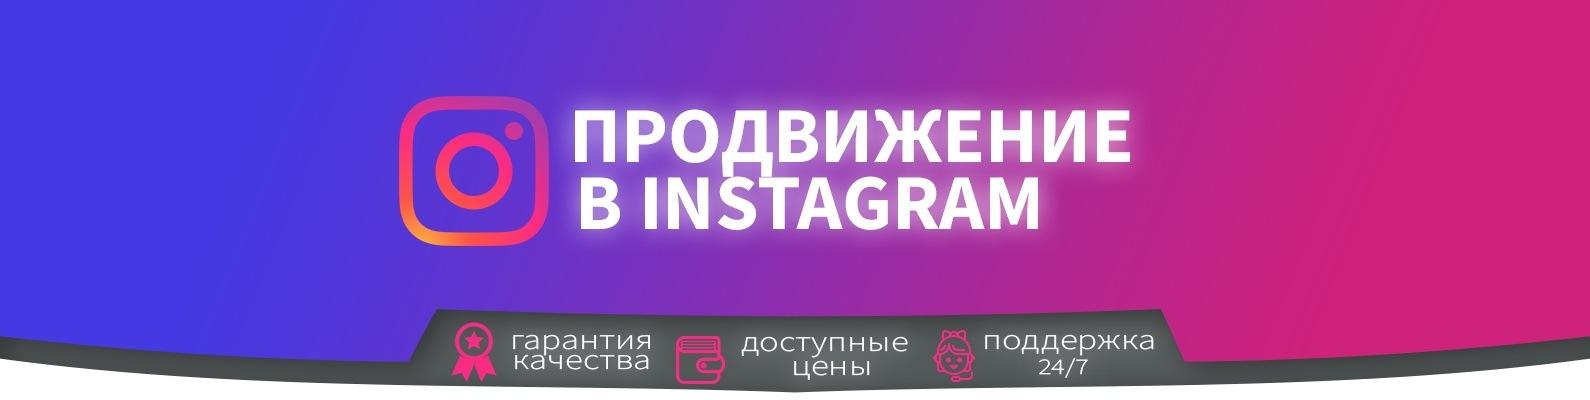 Продвижение в социальной сети Instagram